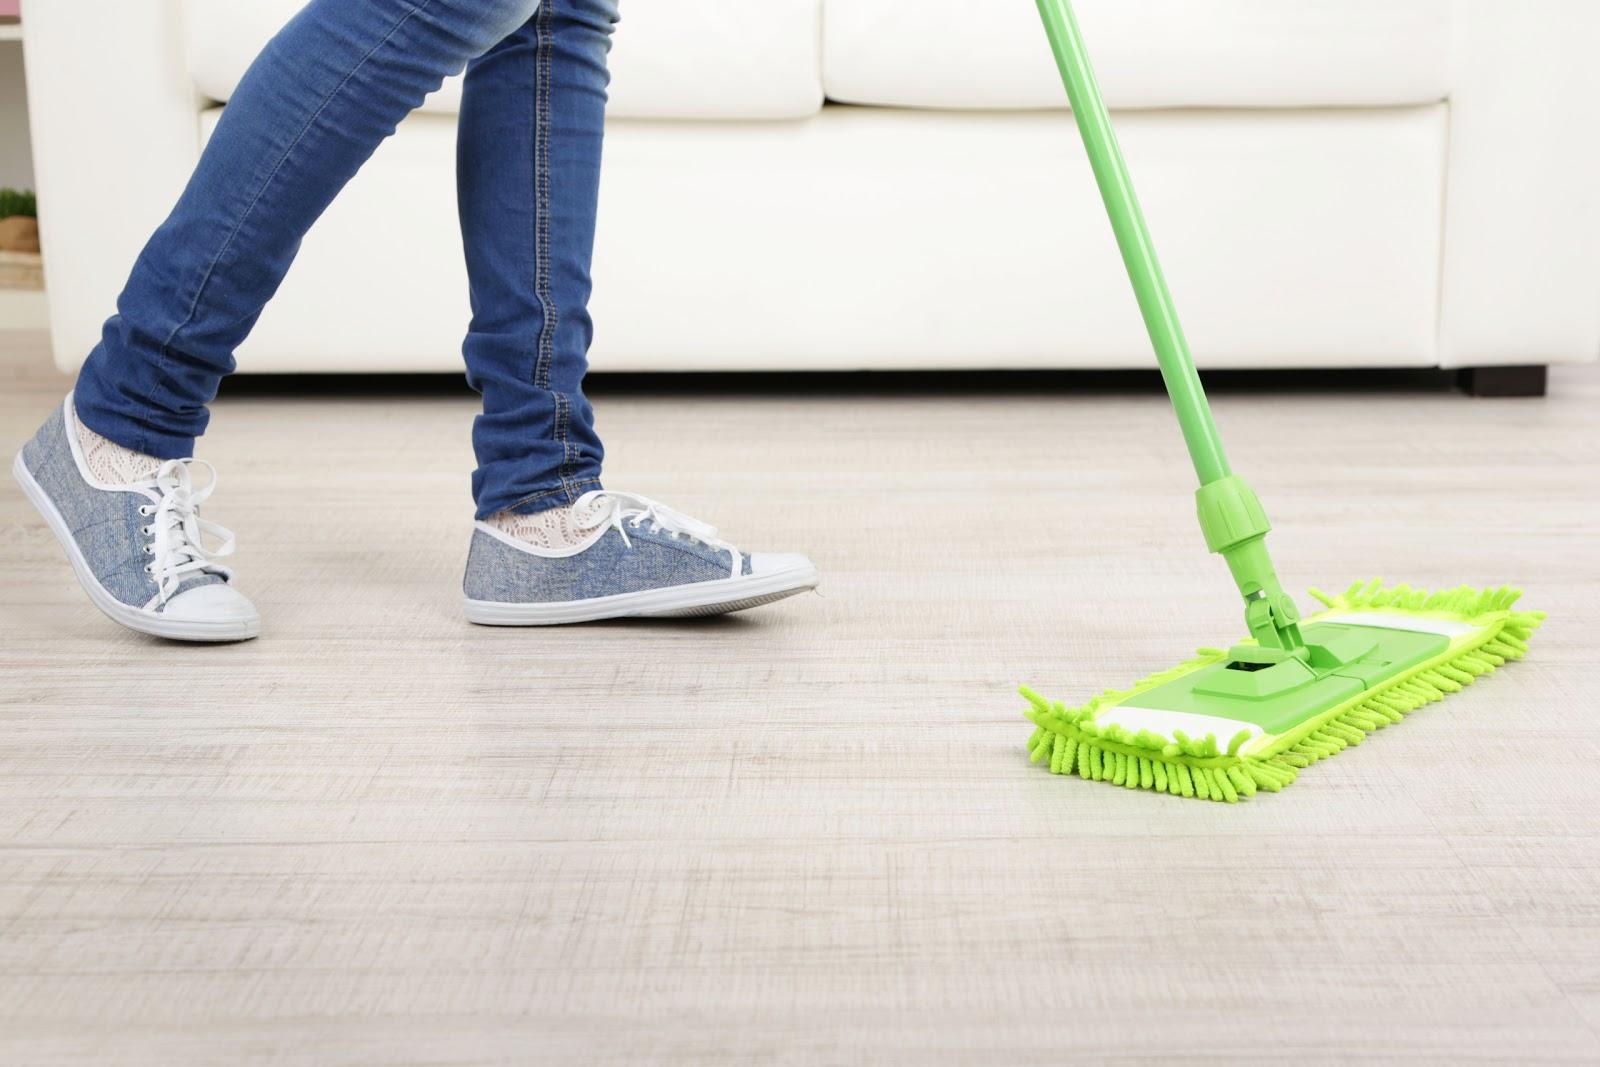 Hogar diez c mo limpiar suelos de parquet - Como limpiar suelos de barro ...